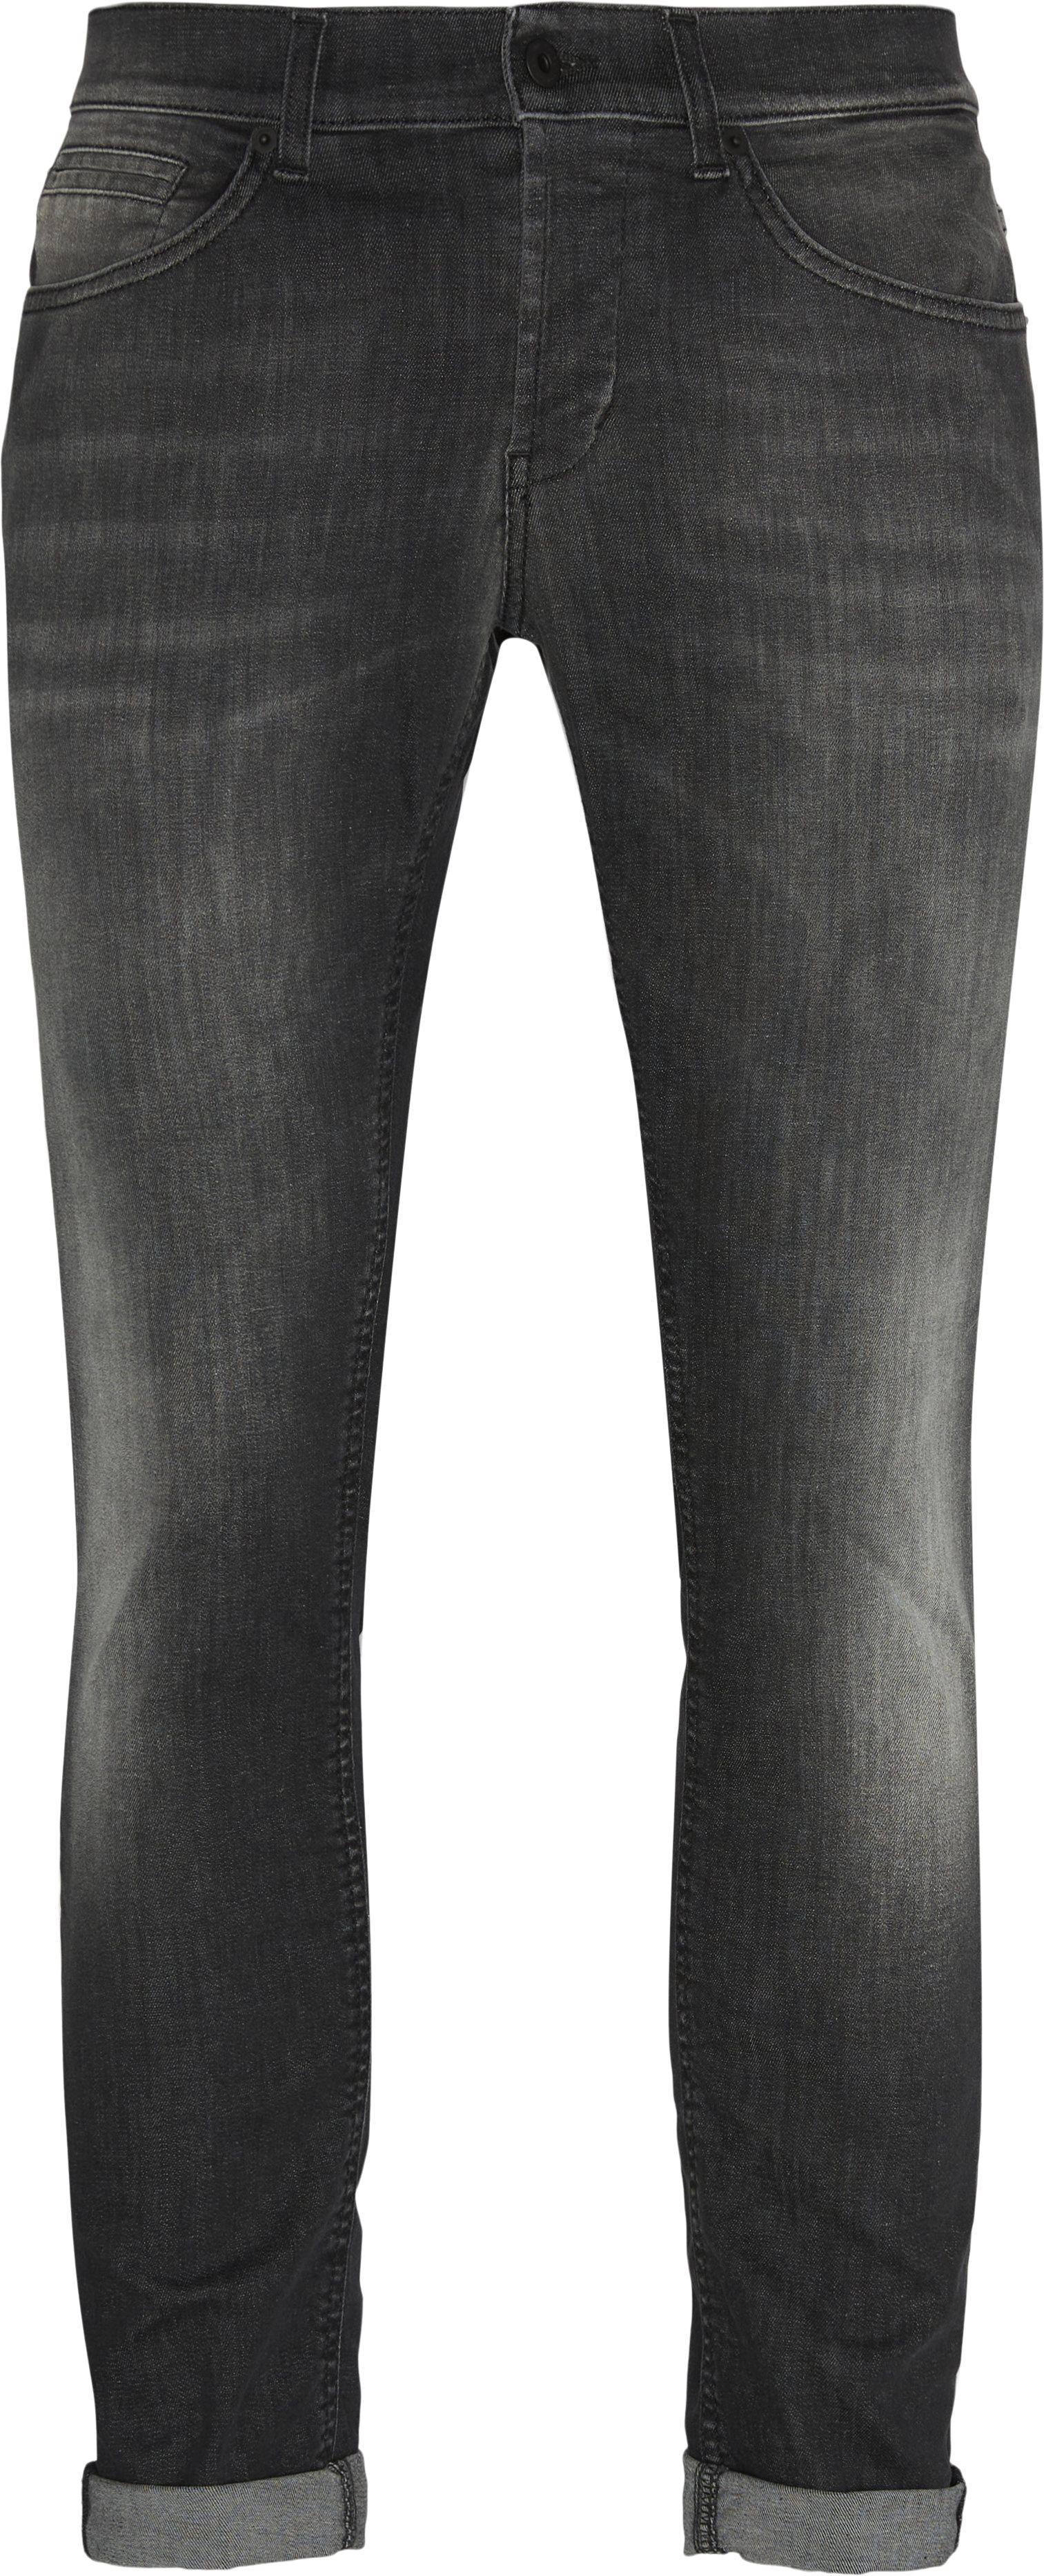 George - Jeans - Slim fit - Grå